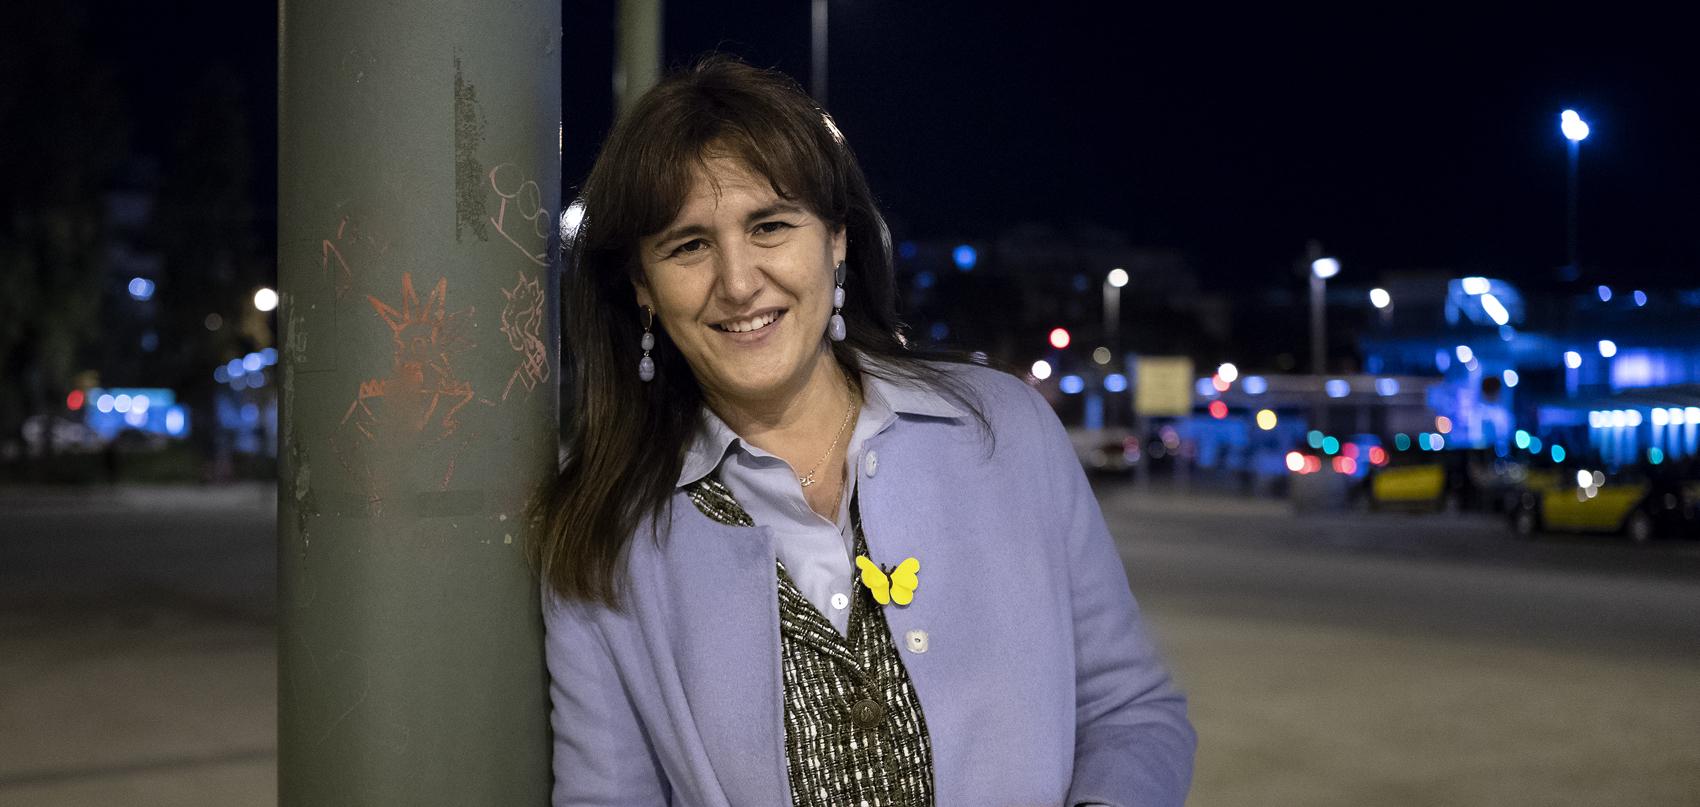 Laura Borràs, candidata a la presidència de la Generalitat per JxCat / Mireia Comas